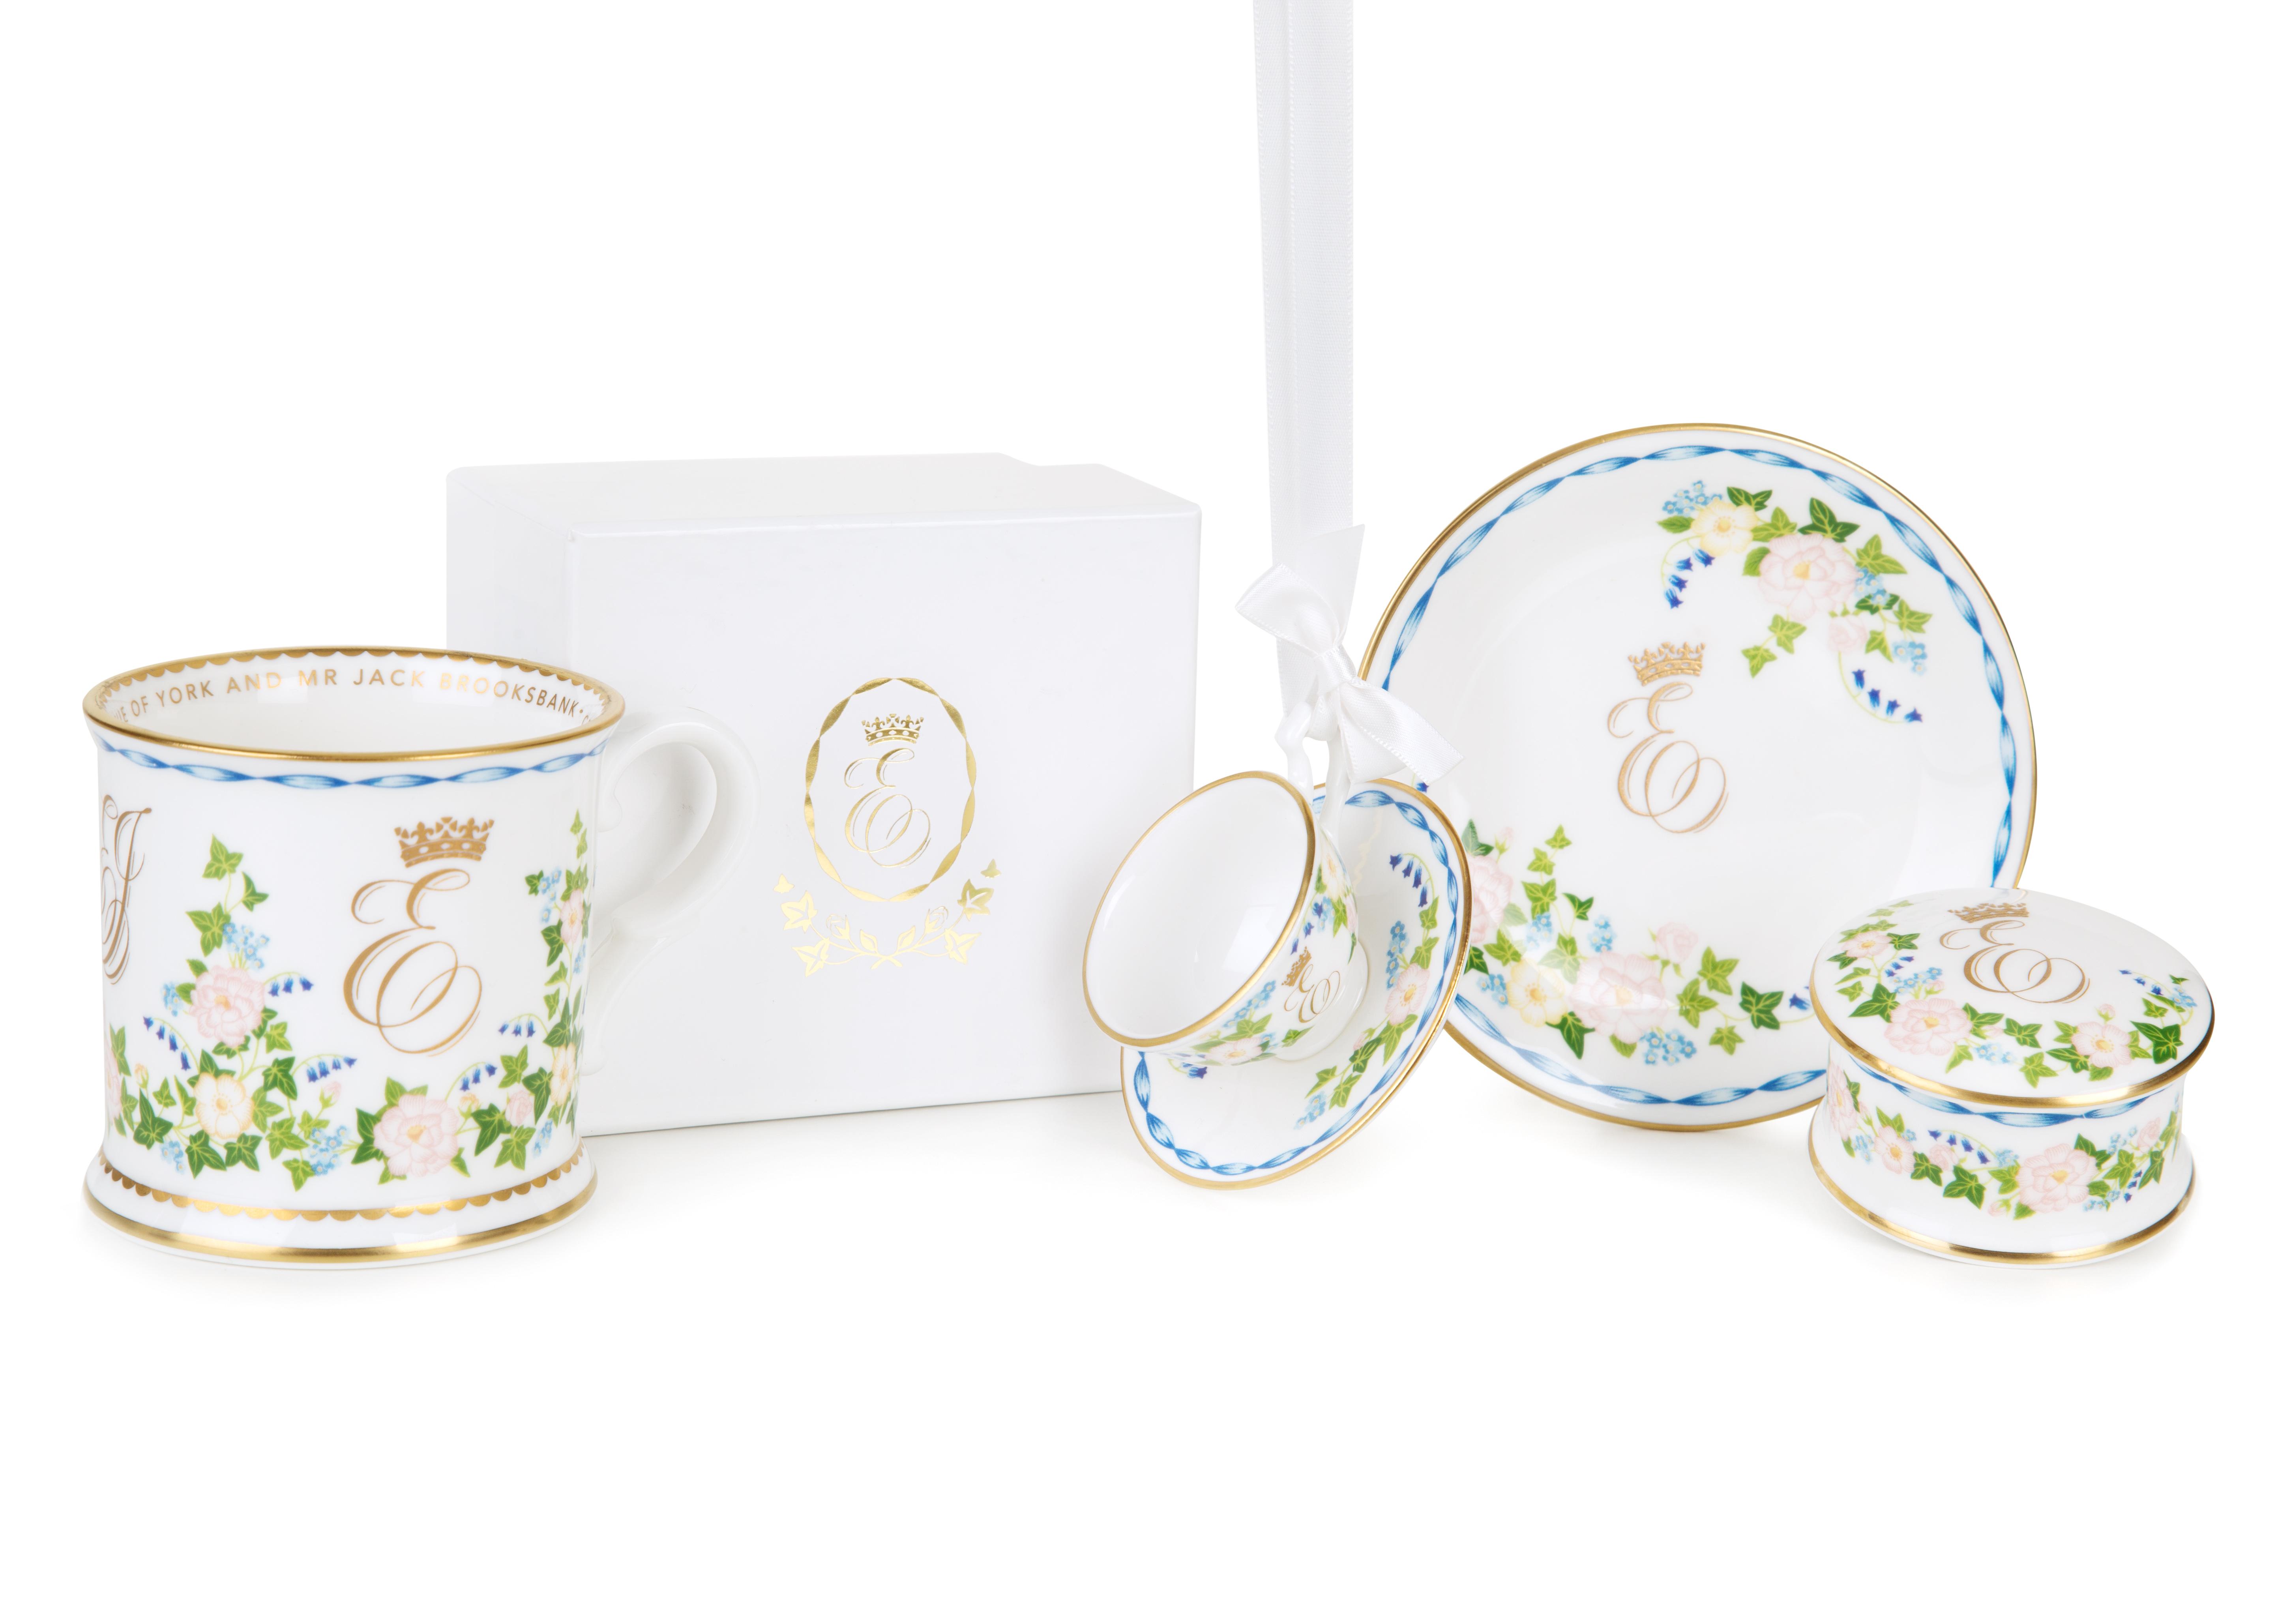 vaisselle officielle pour le mariage de la princesse eug nie d 39 york noblesse royaut s. Black Bedroom Furniture Sets. Home Design Ideas